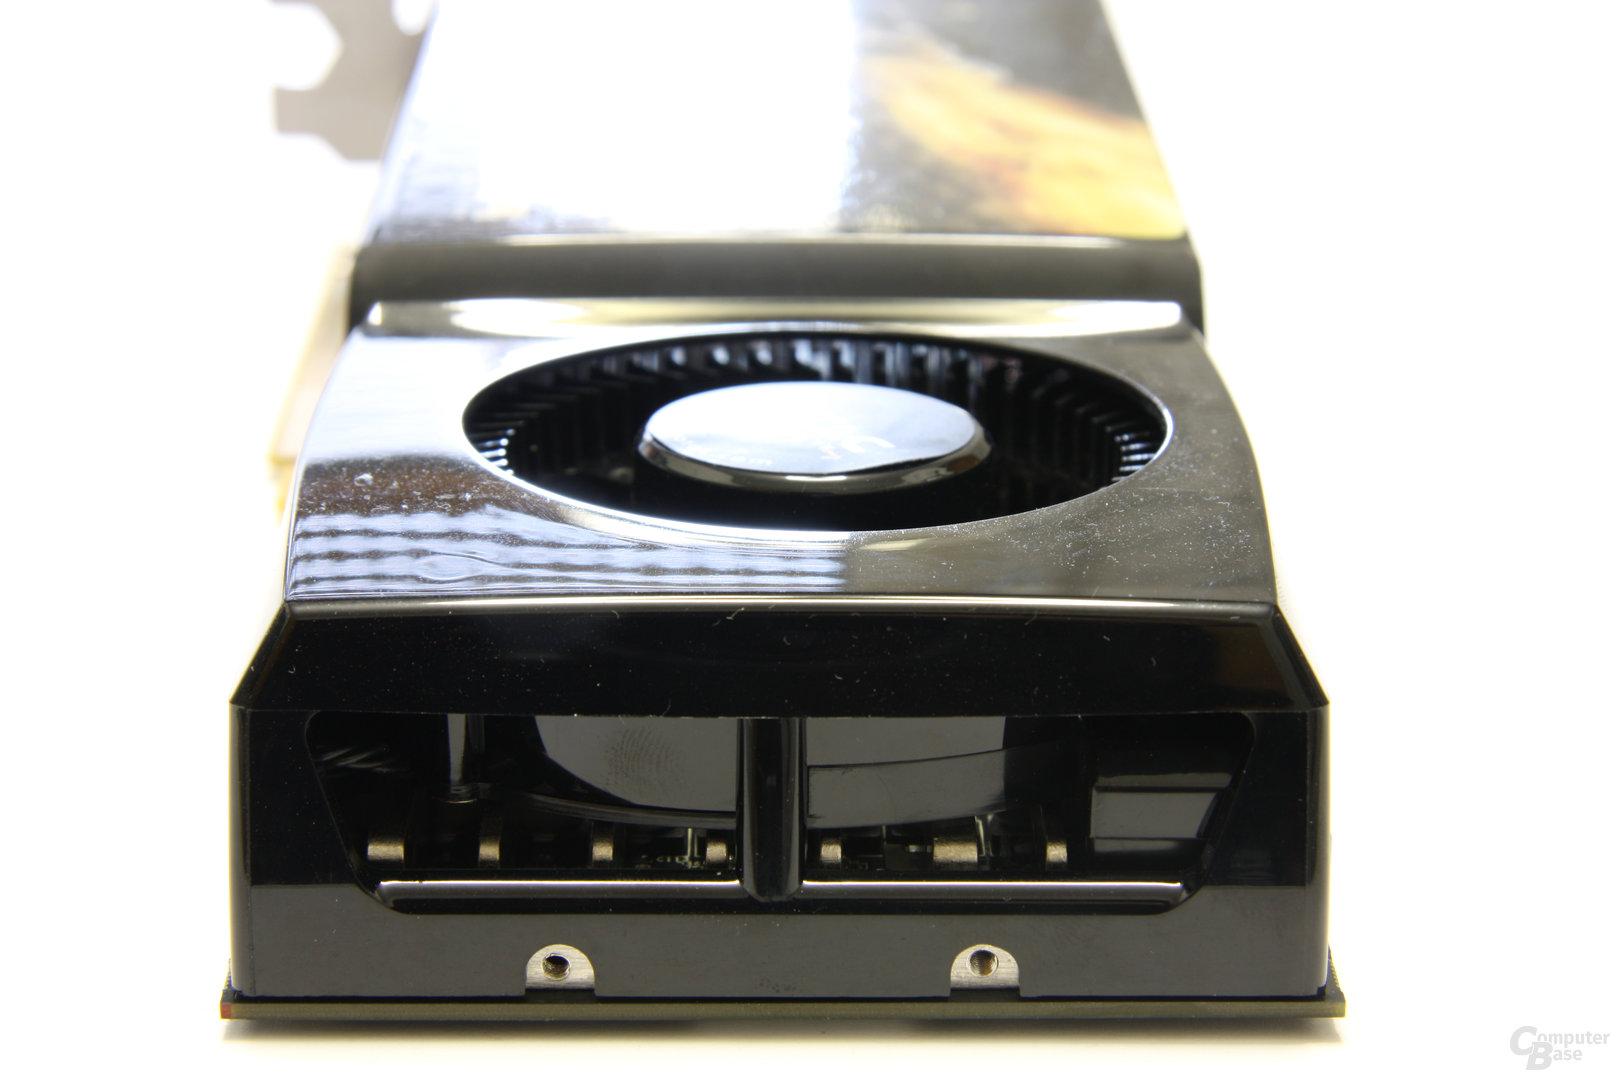 Zotac GeForce GTX 285 AMP! von hinten